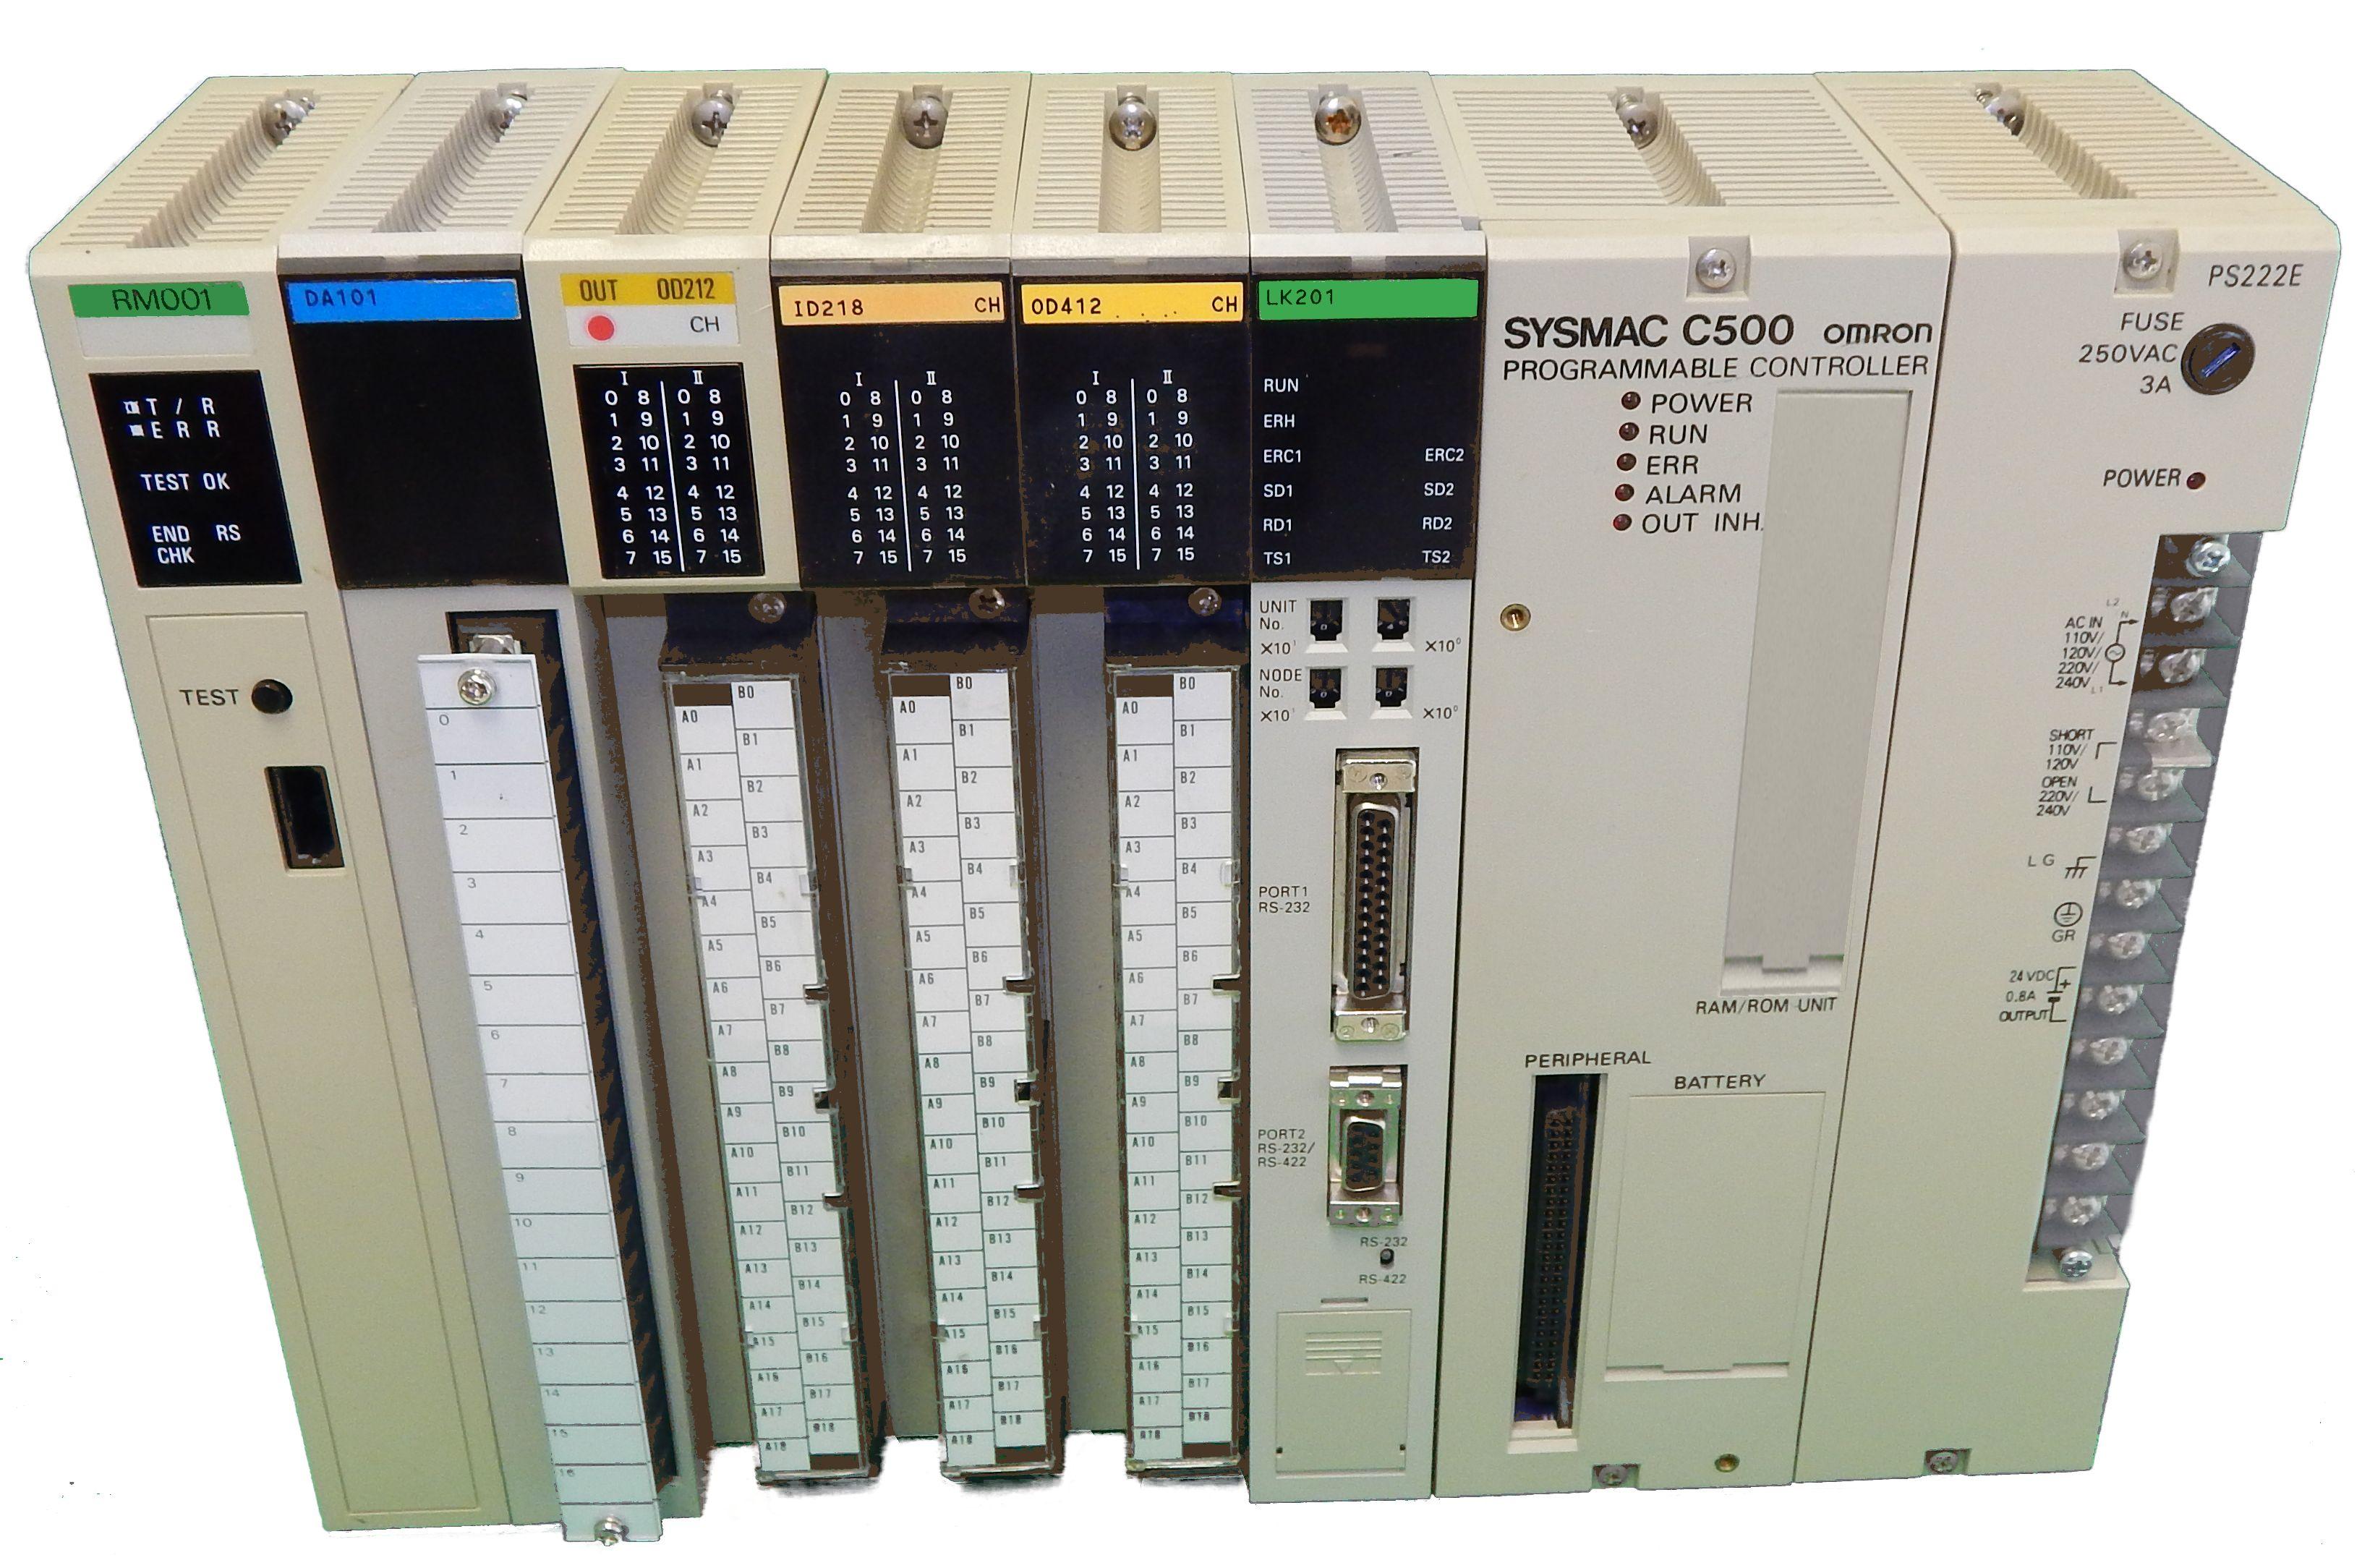 3G2A5-AD001